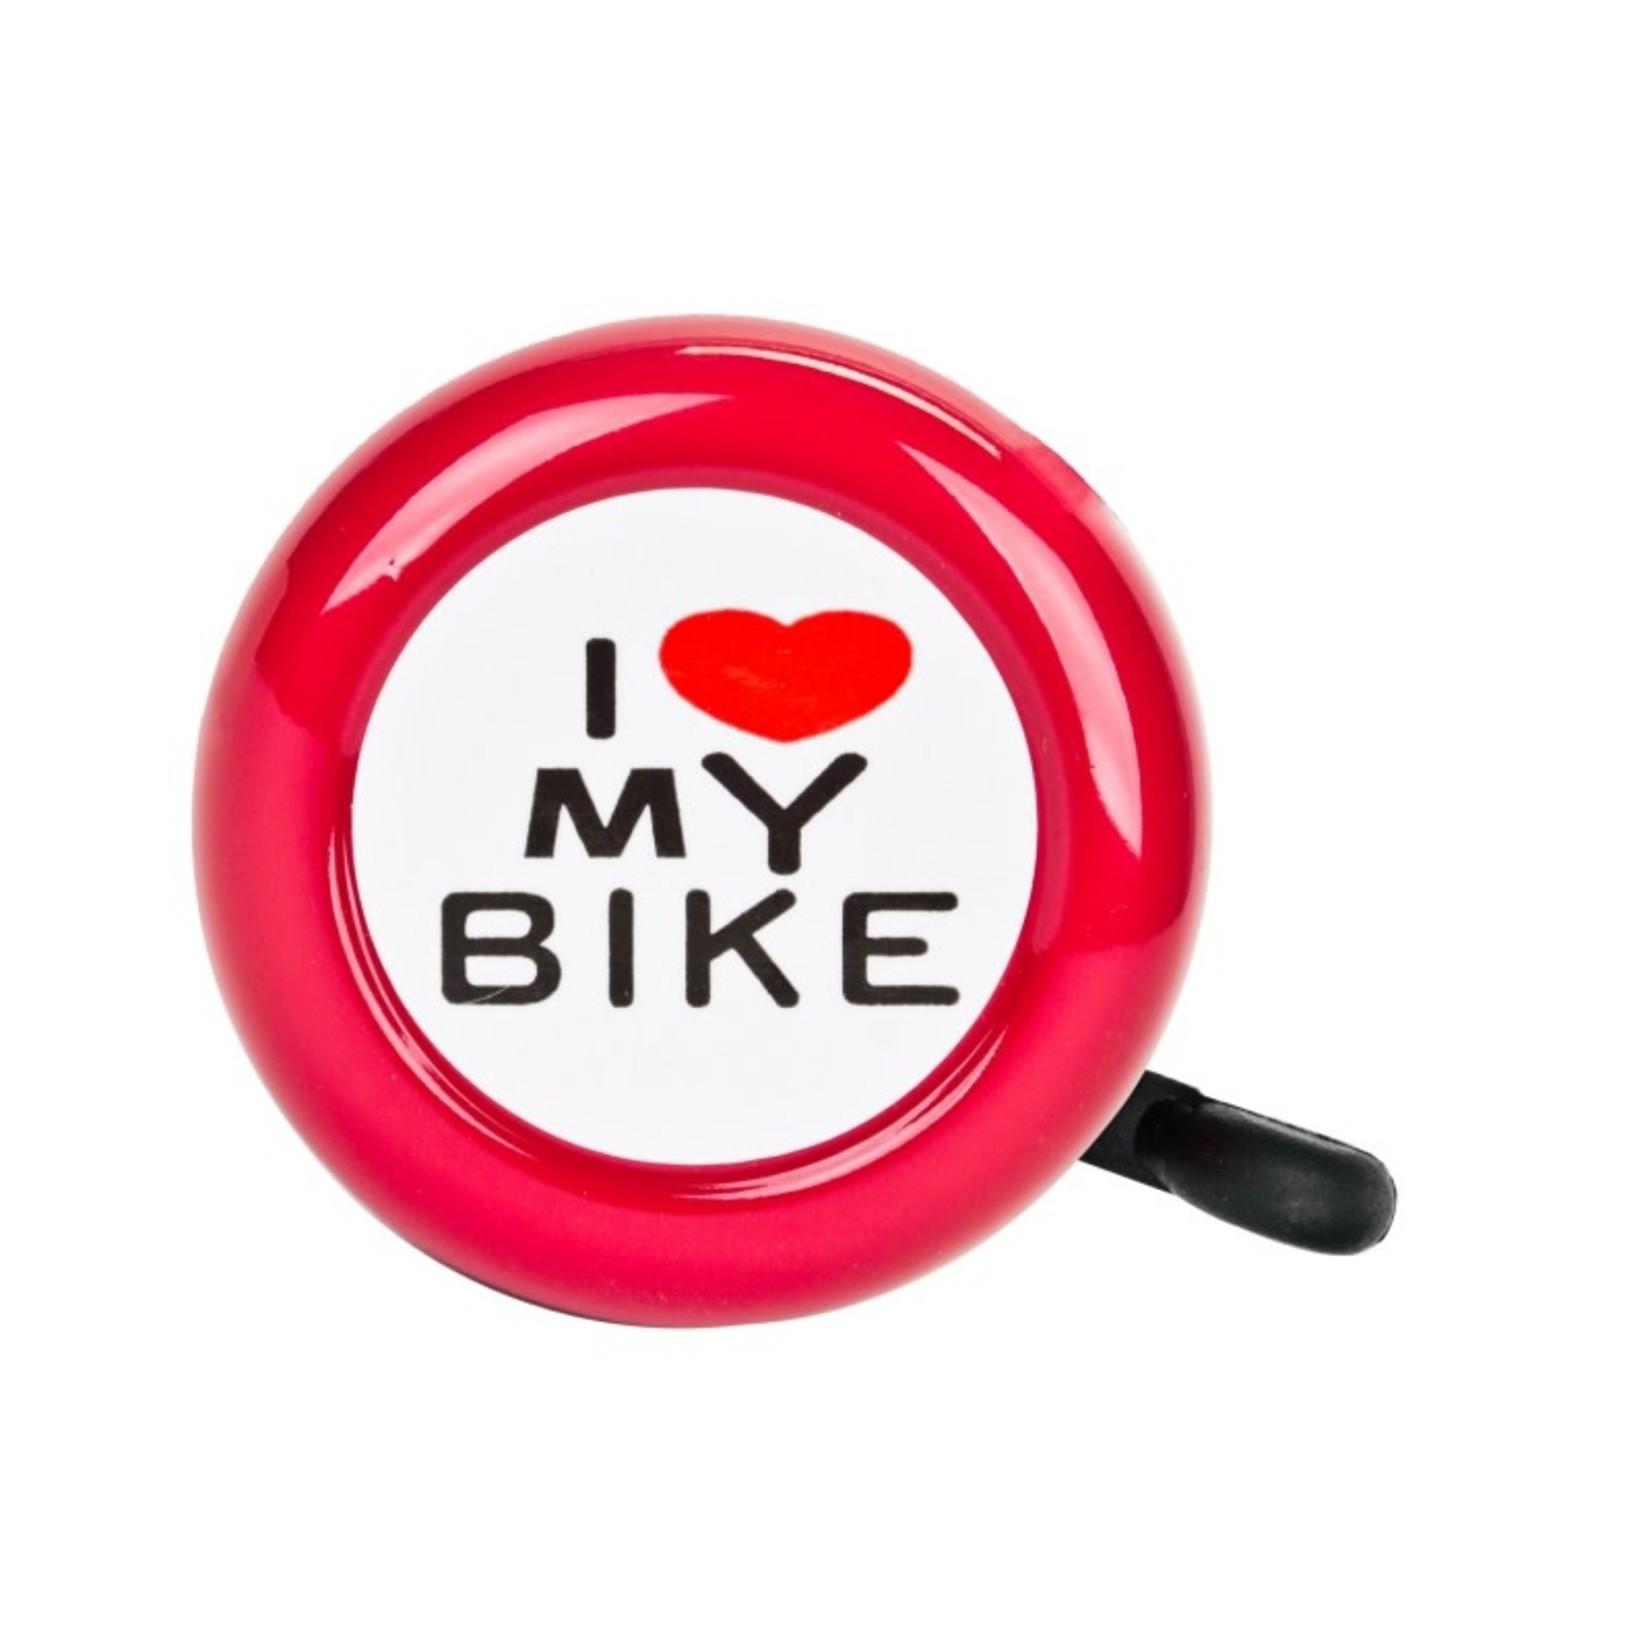 I Love My Bike Bell Red